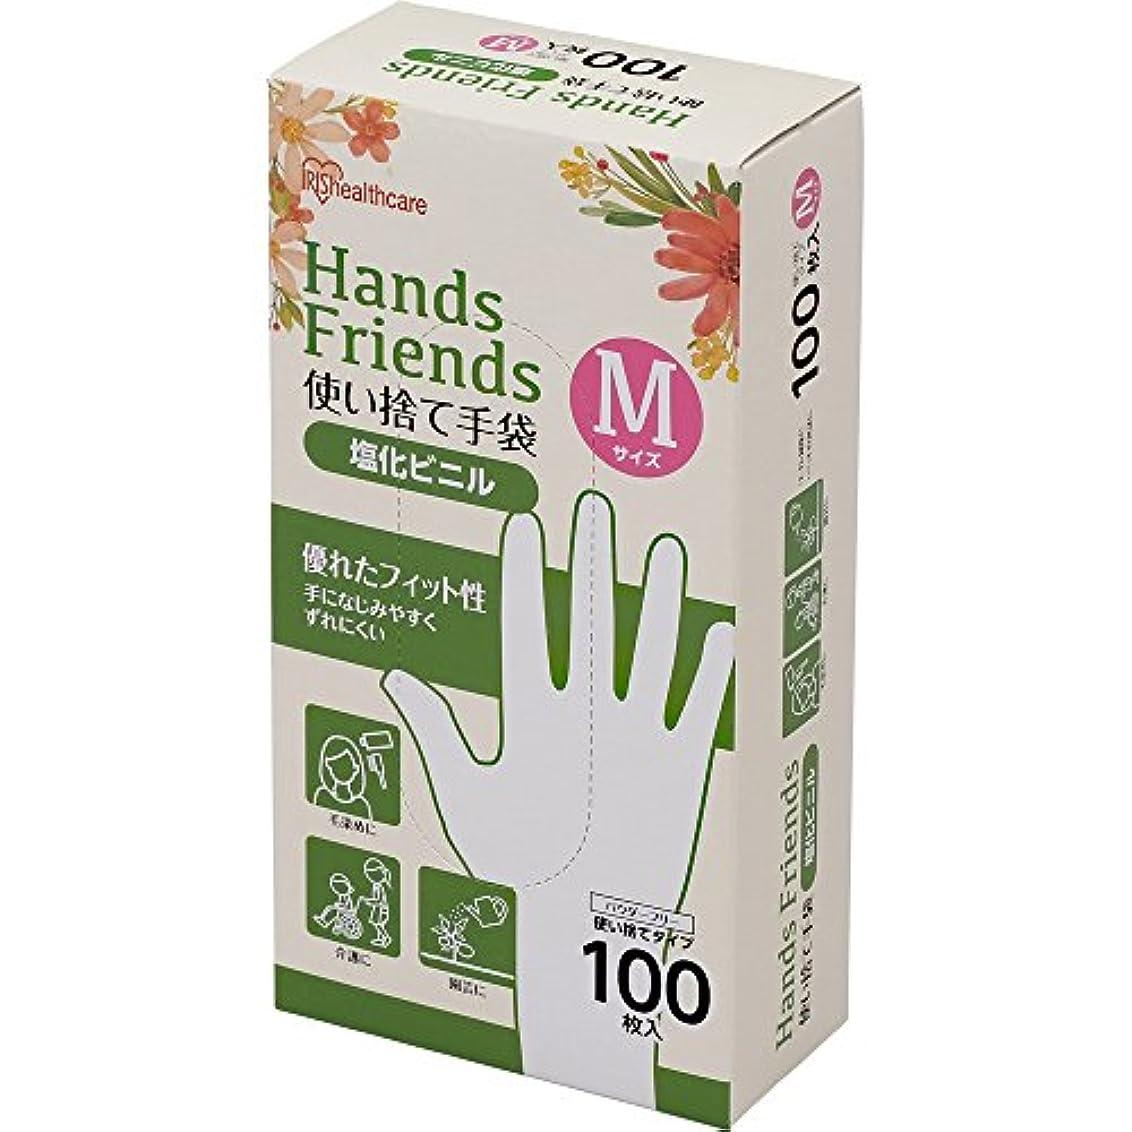 グラマーいくつかの高音使い捨て手袋 クリア 塩化ビニル 100枚 Mサイズ PVC-100M